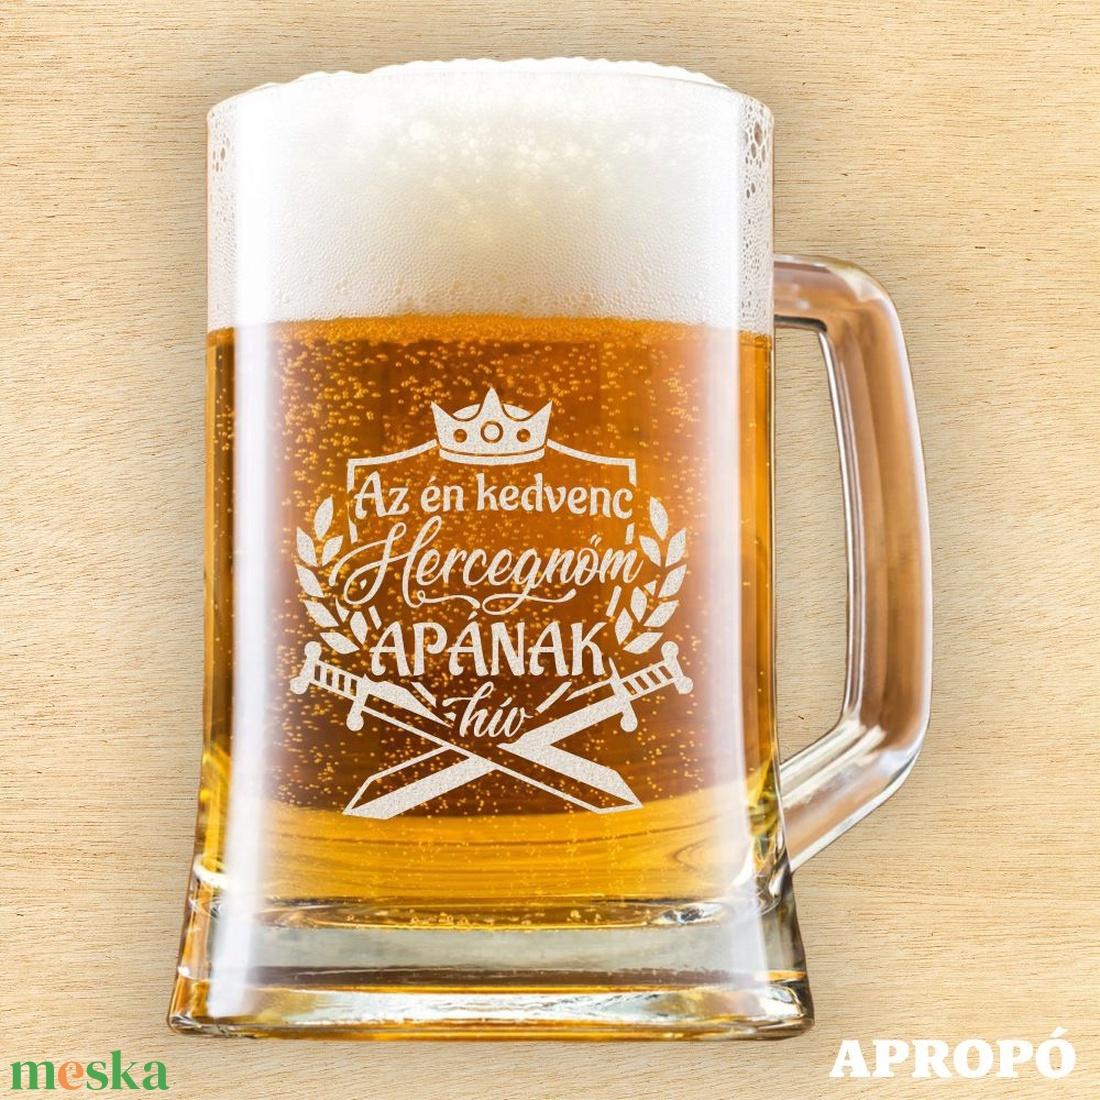 söröskorsó apának gravírozva az én kedvenc hercegnőm APÁNAk hív - otthon & lakás - konyhafelszerelés - pohár - Meska.hu